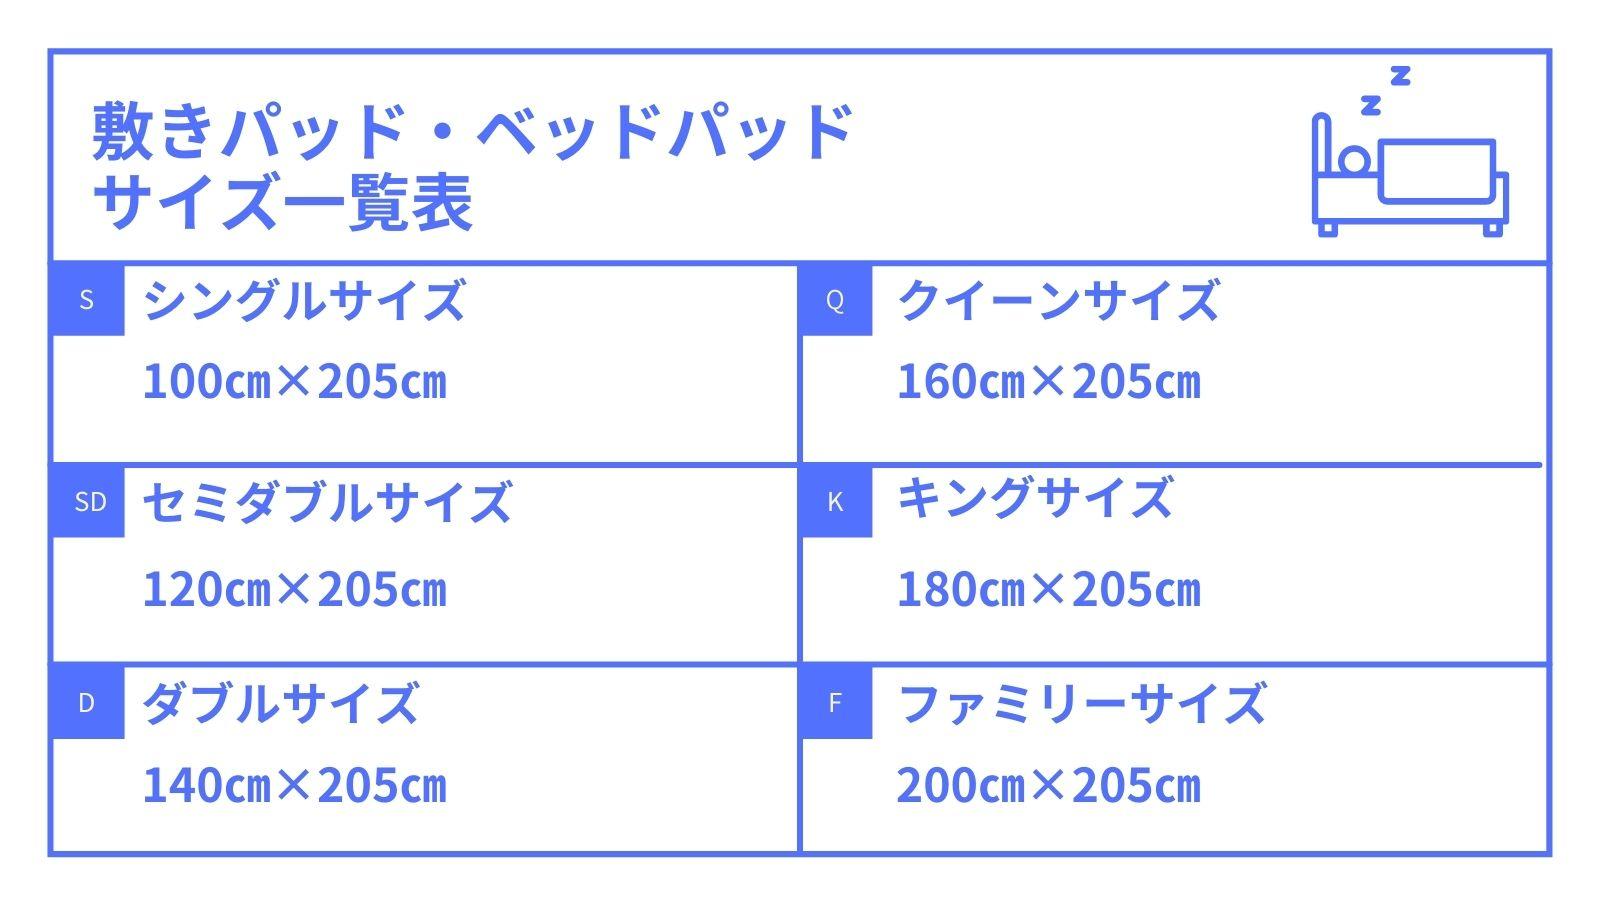 敷きパッド・ベッドパッドのサイズ一覧表